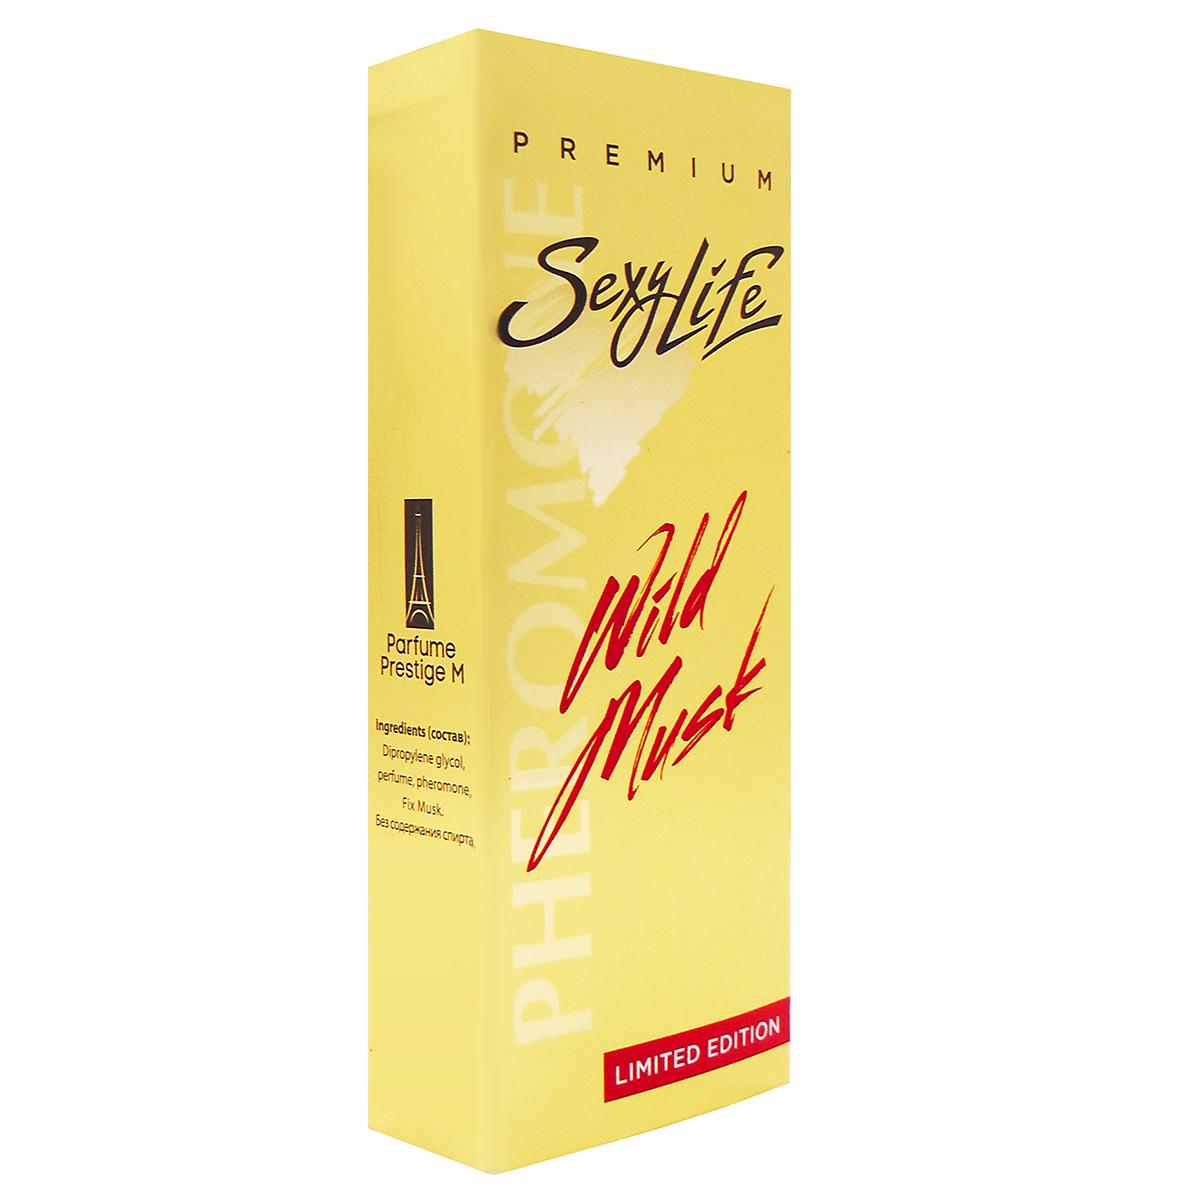 Wild Musk, Духи, № 2, женские, 10 мл сарафан теплый пудровый